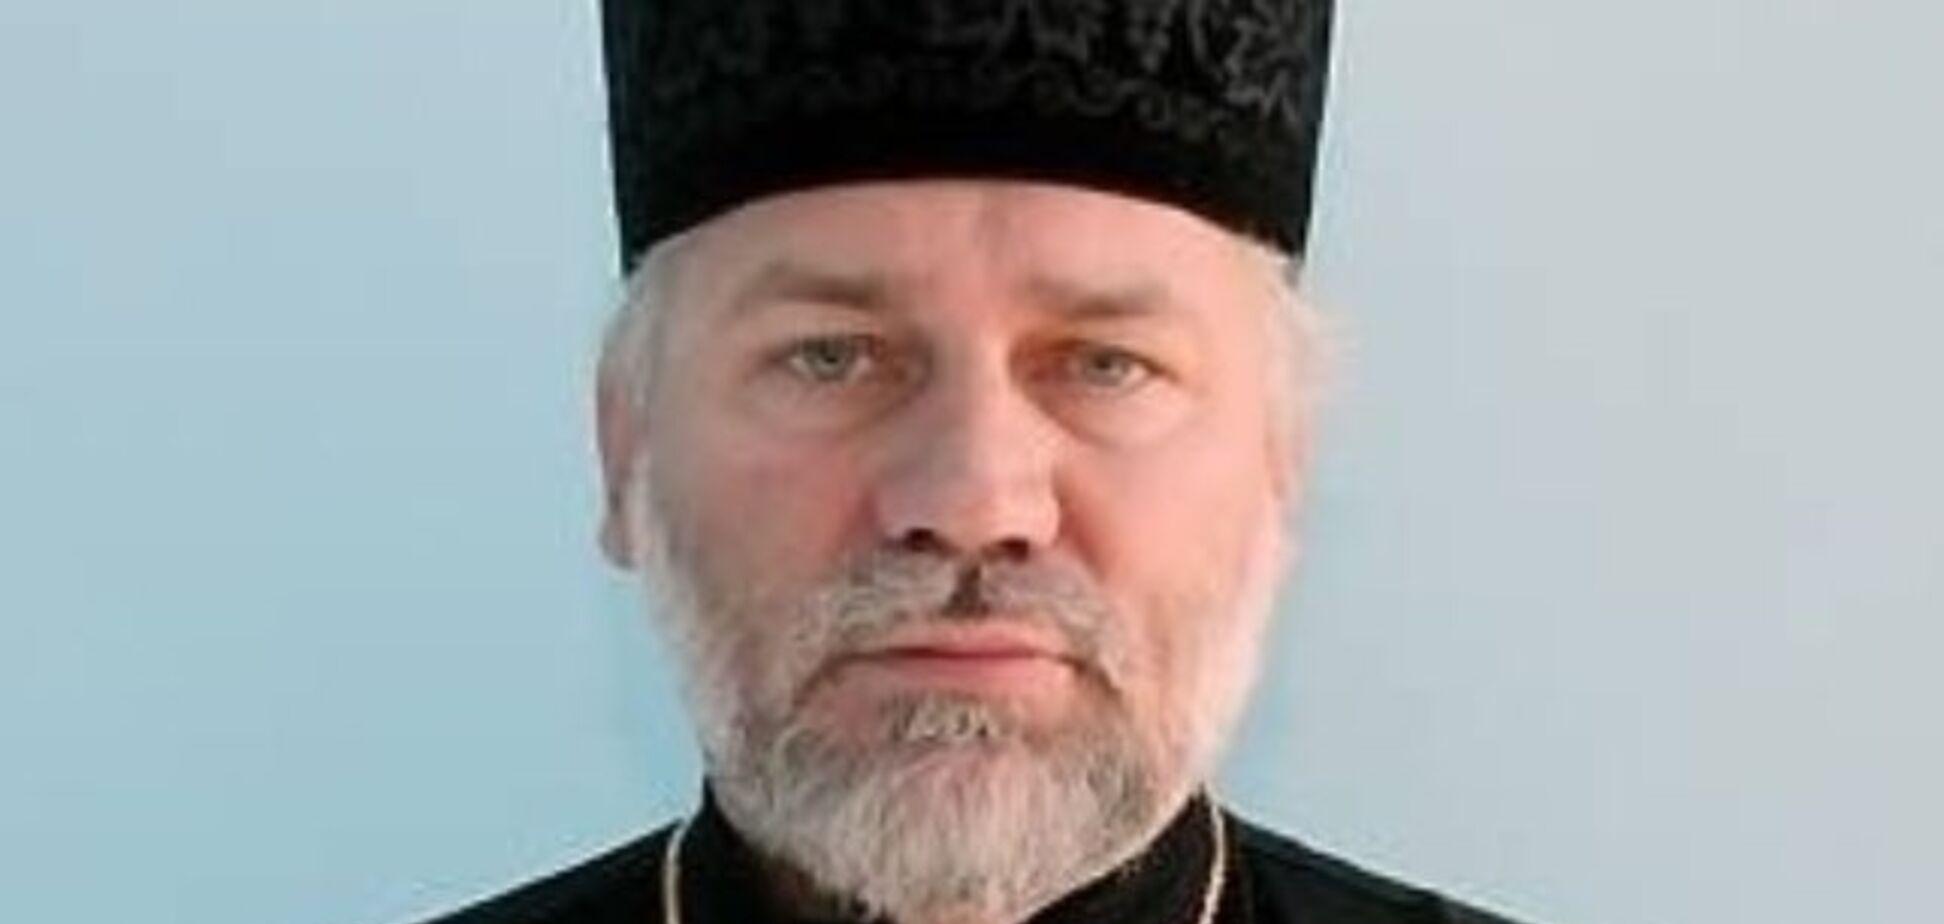 Звинуватили в педофілії: у Росії розгорівся гучний скандал зі священиком